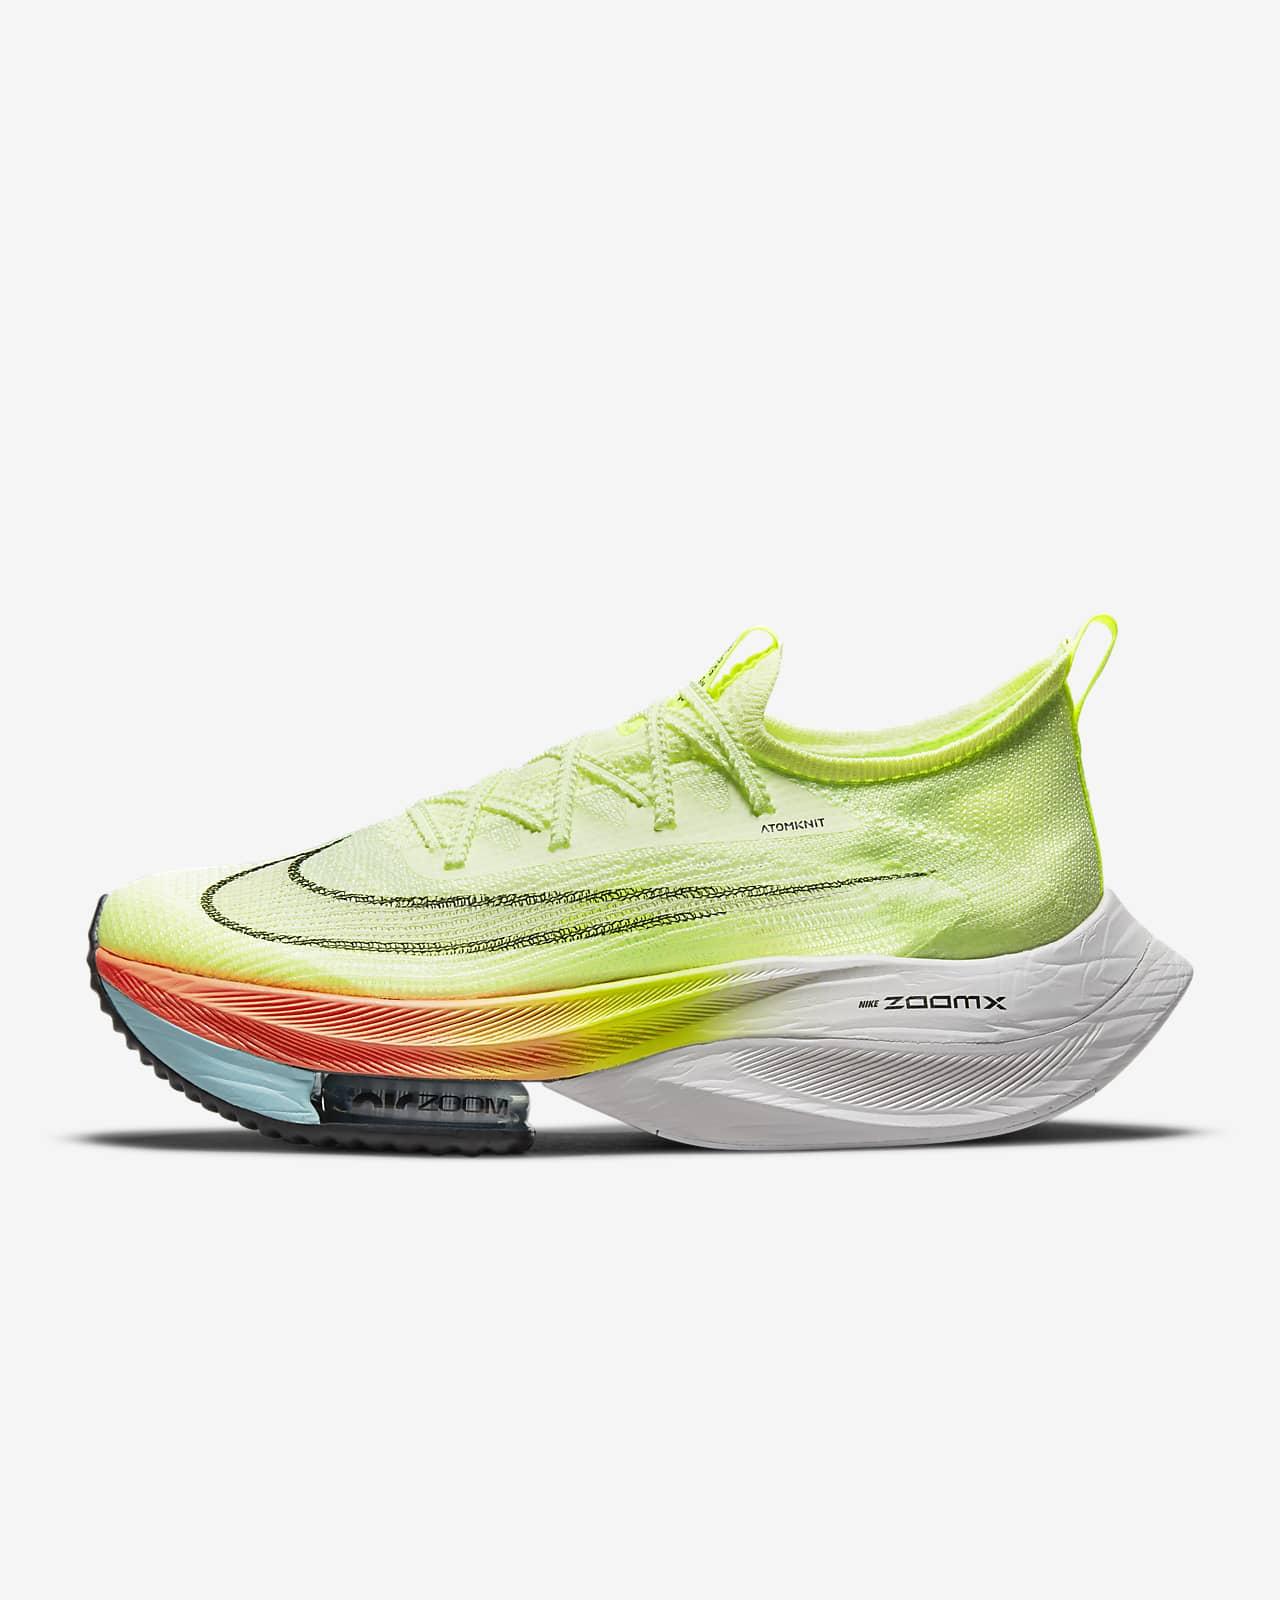 Nike Air Zoom Alphafly NEXT% Erkek Yol Yarış Ayakkabısı